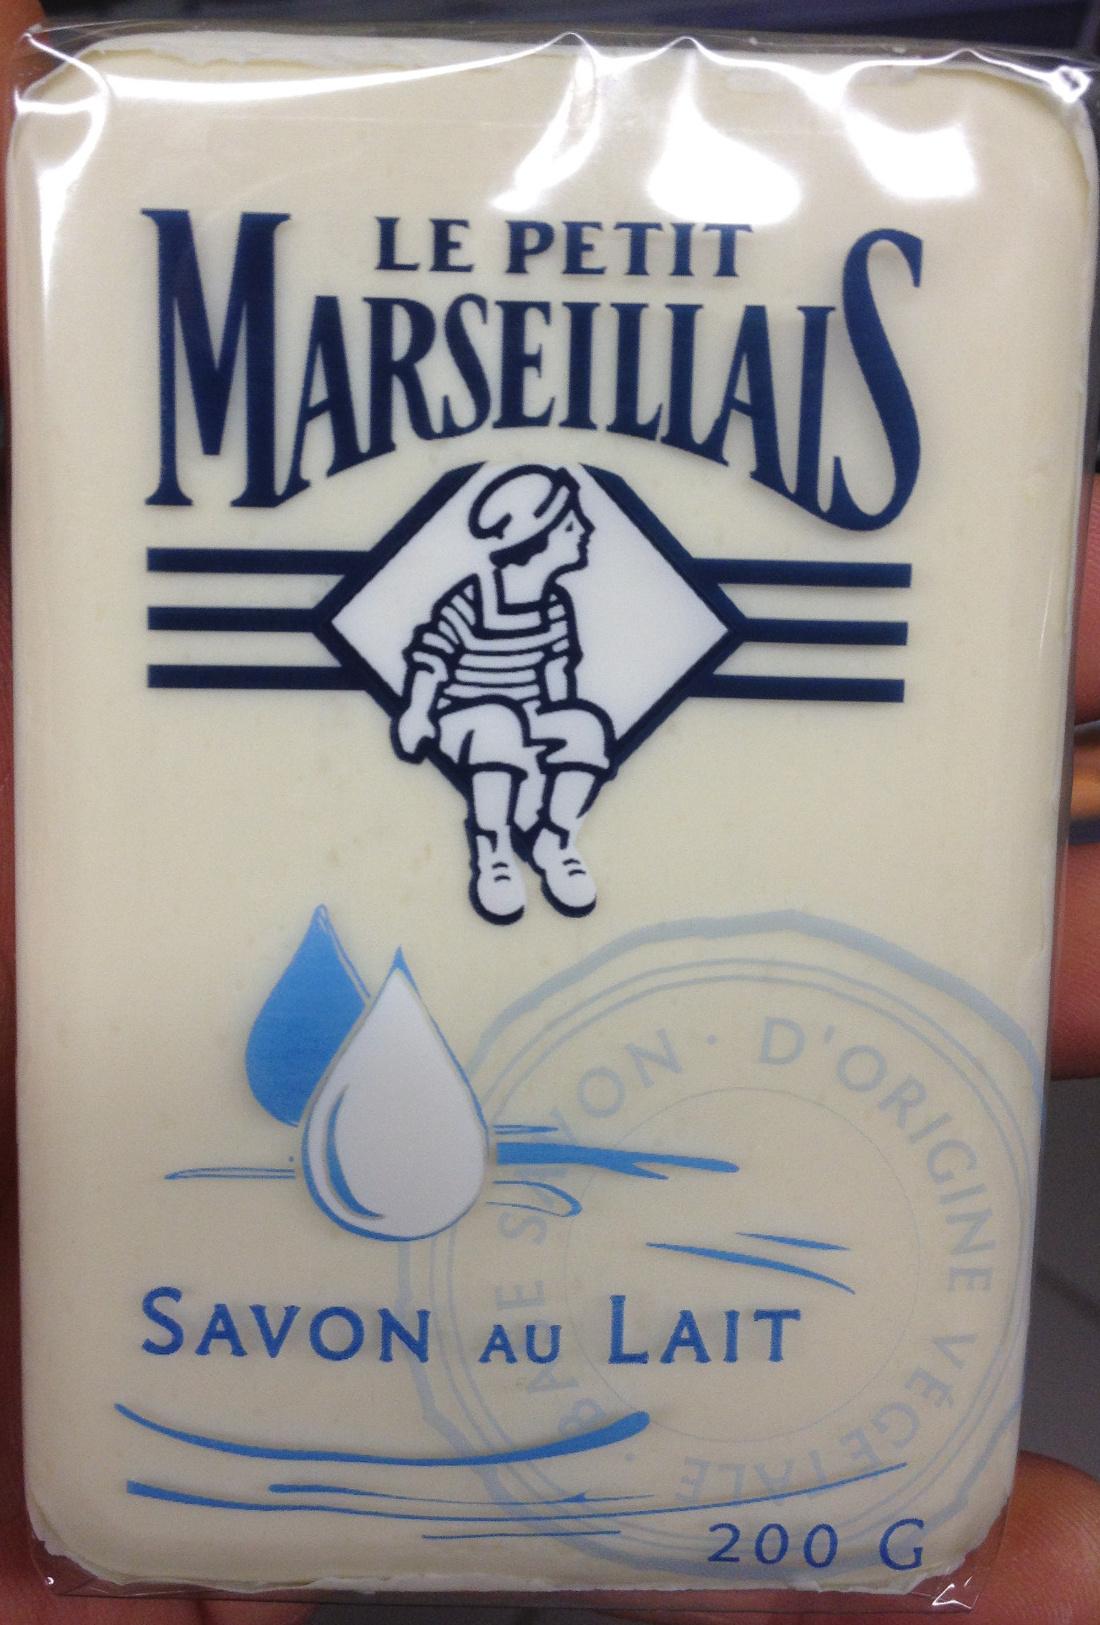 Savon au lait - Produit - fr